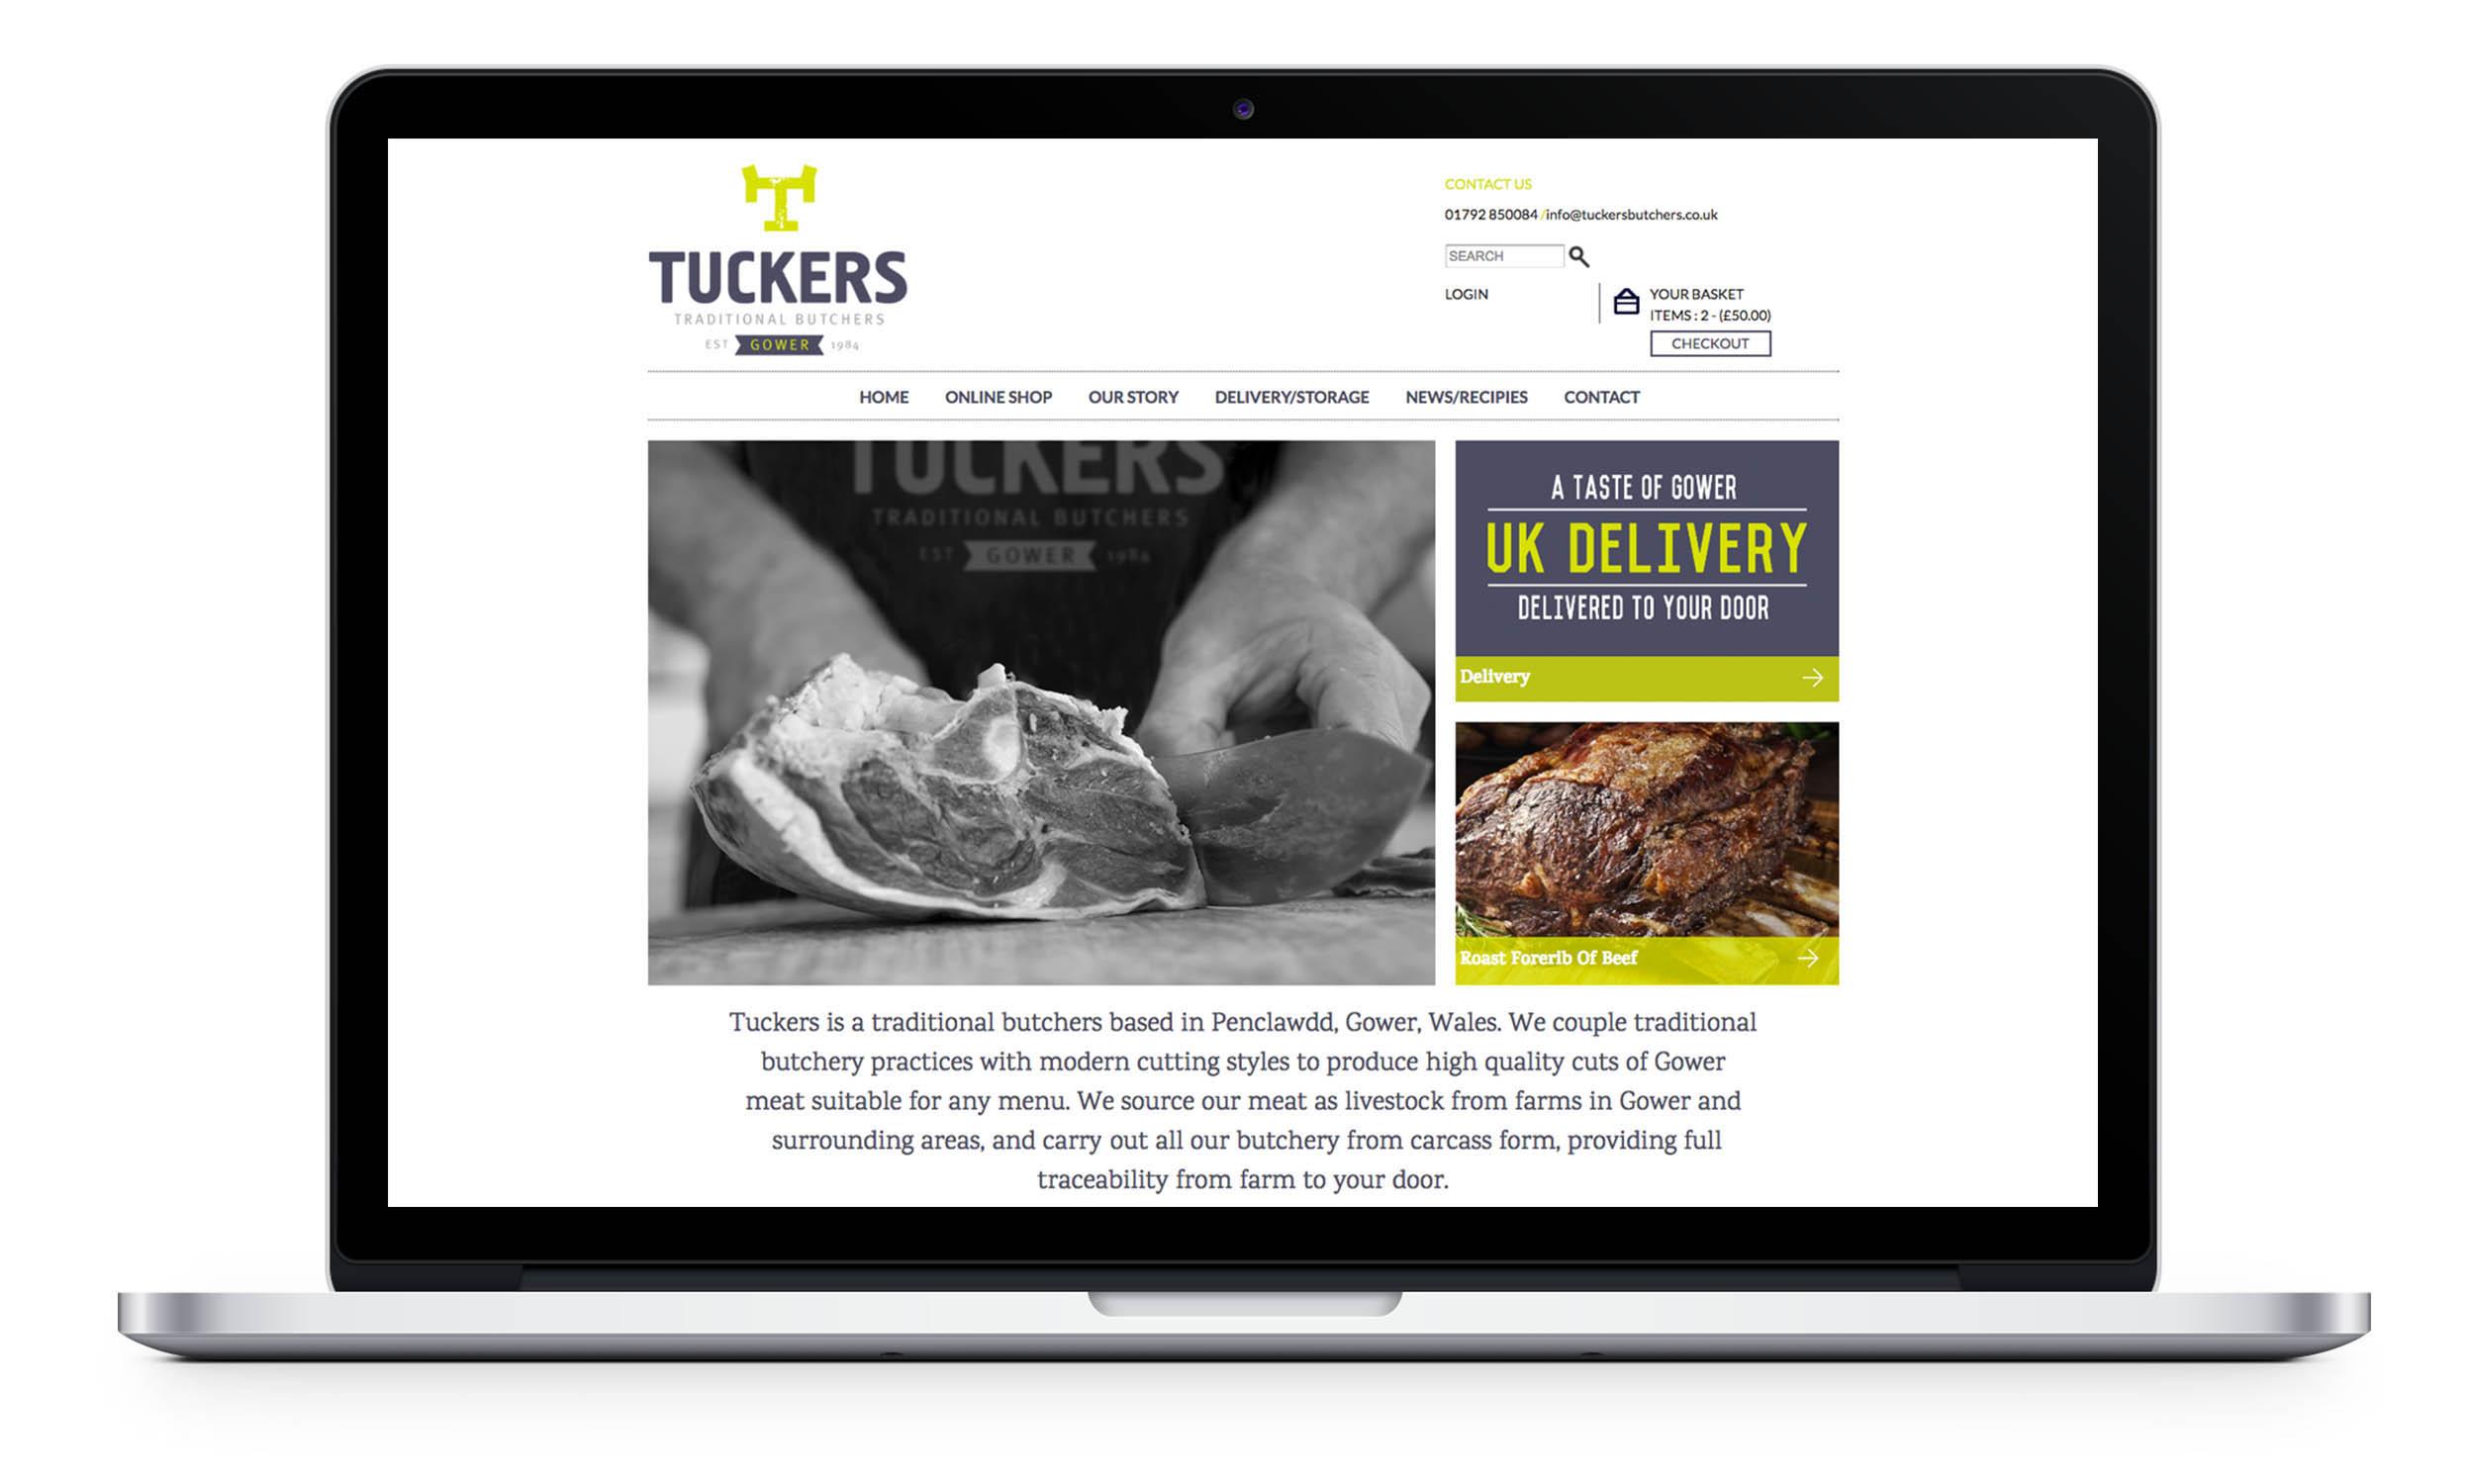 tuckers-mac-1.jpg